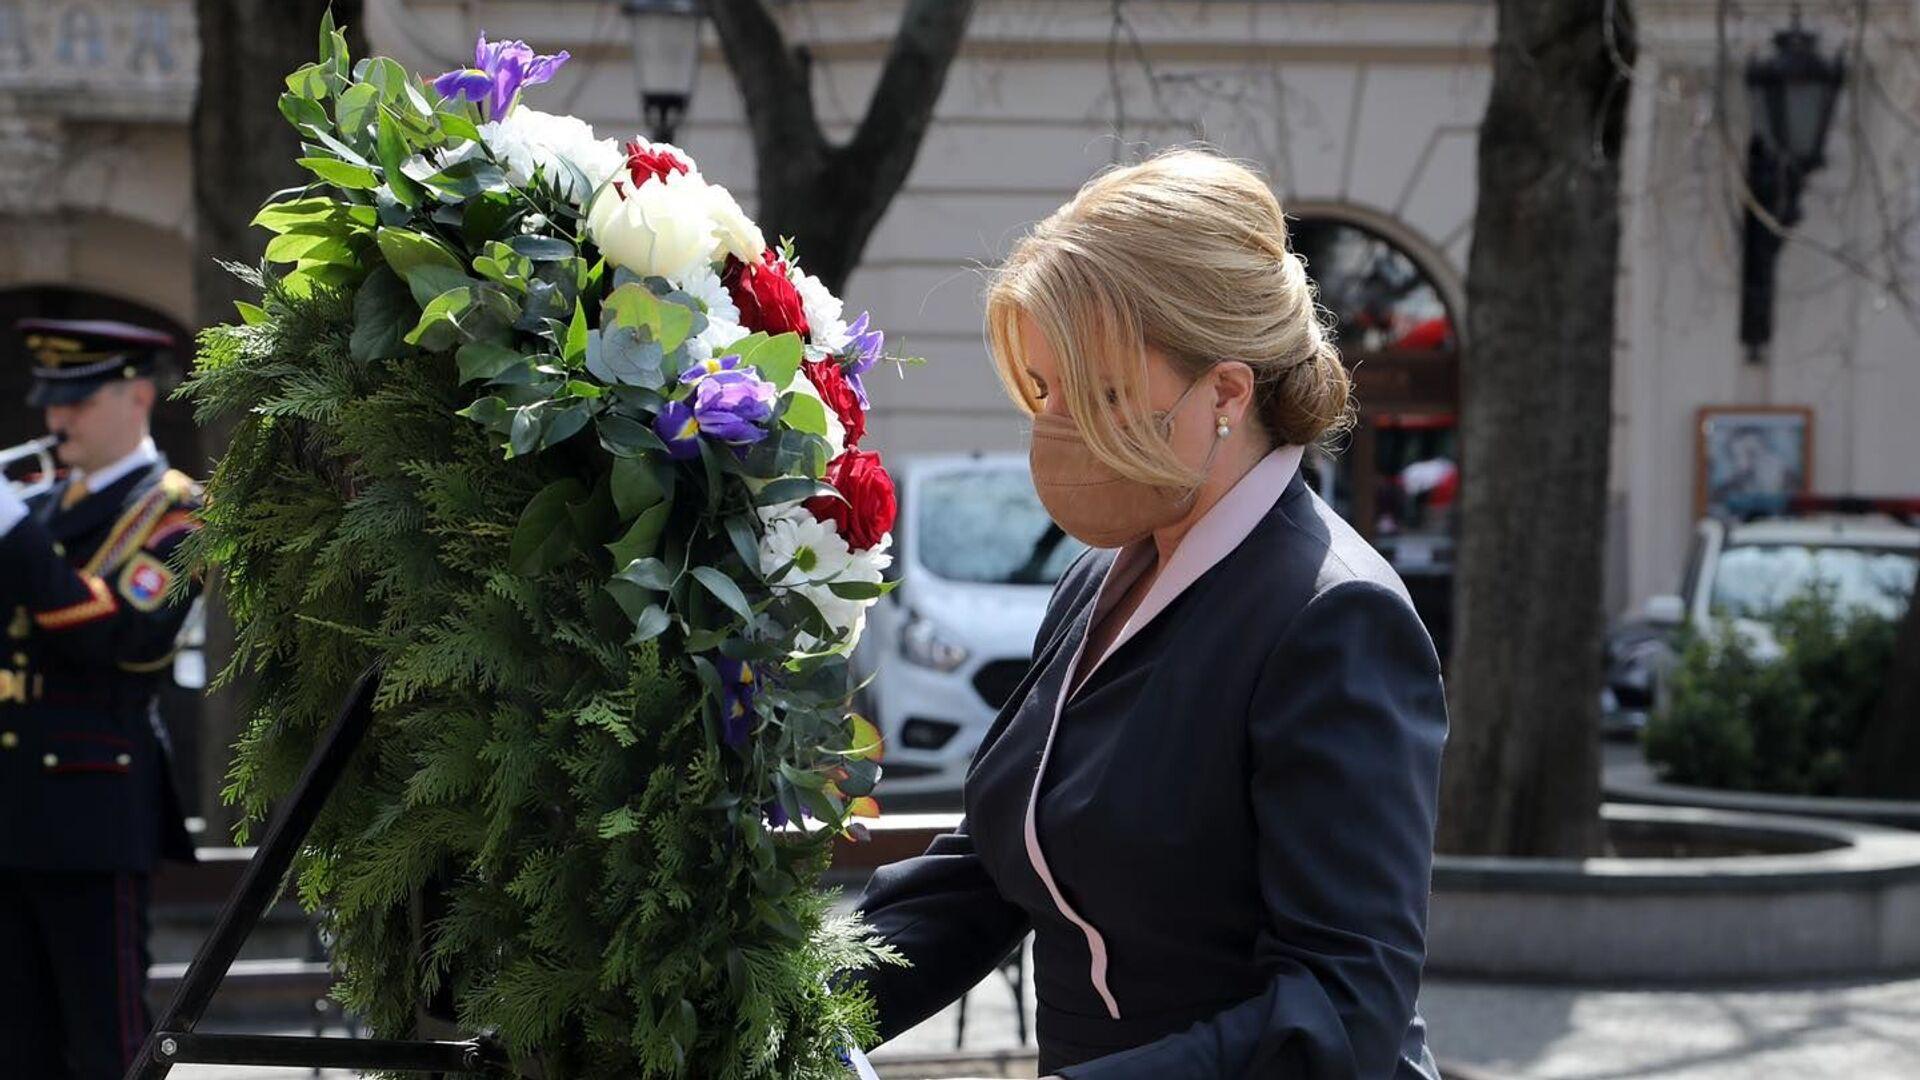 Slovenská prezidentka Zuzana Čaputová uctila památku rudoarmějců,  kteří padli při osvobozování Bratislavy - Sputnik Česká republika, 1920, 13.05.2021